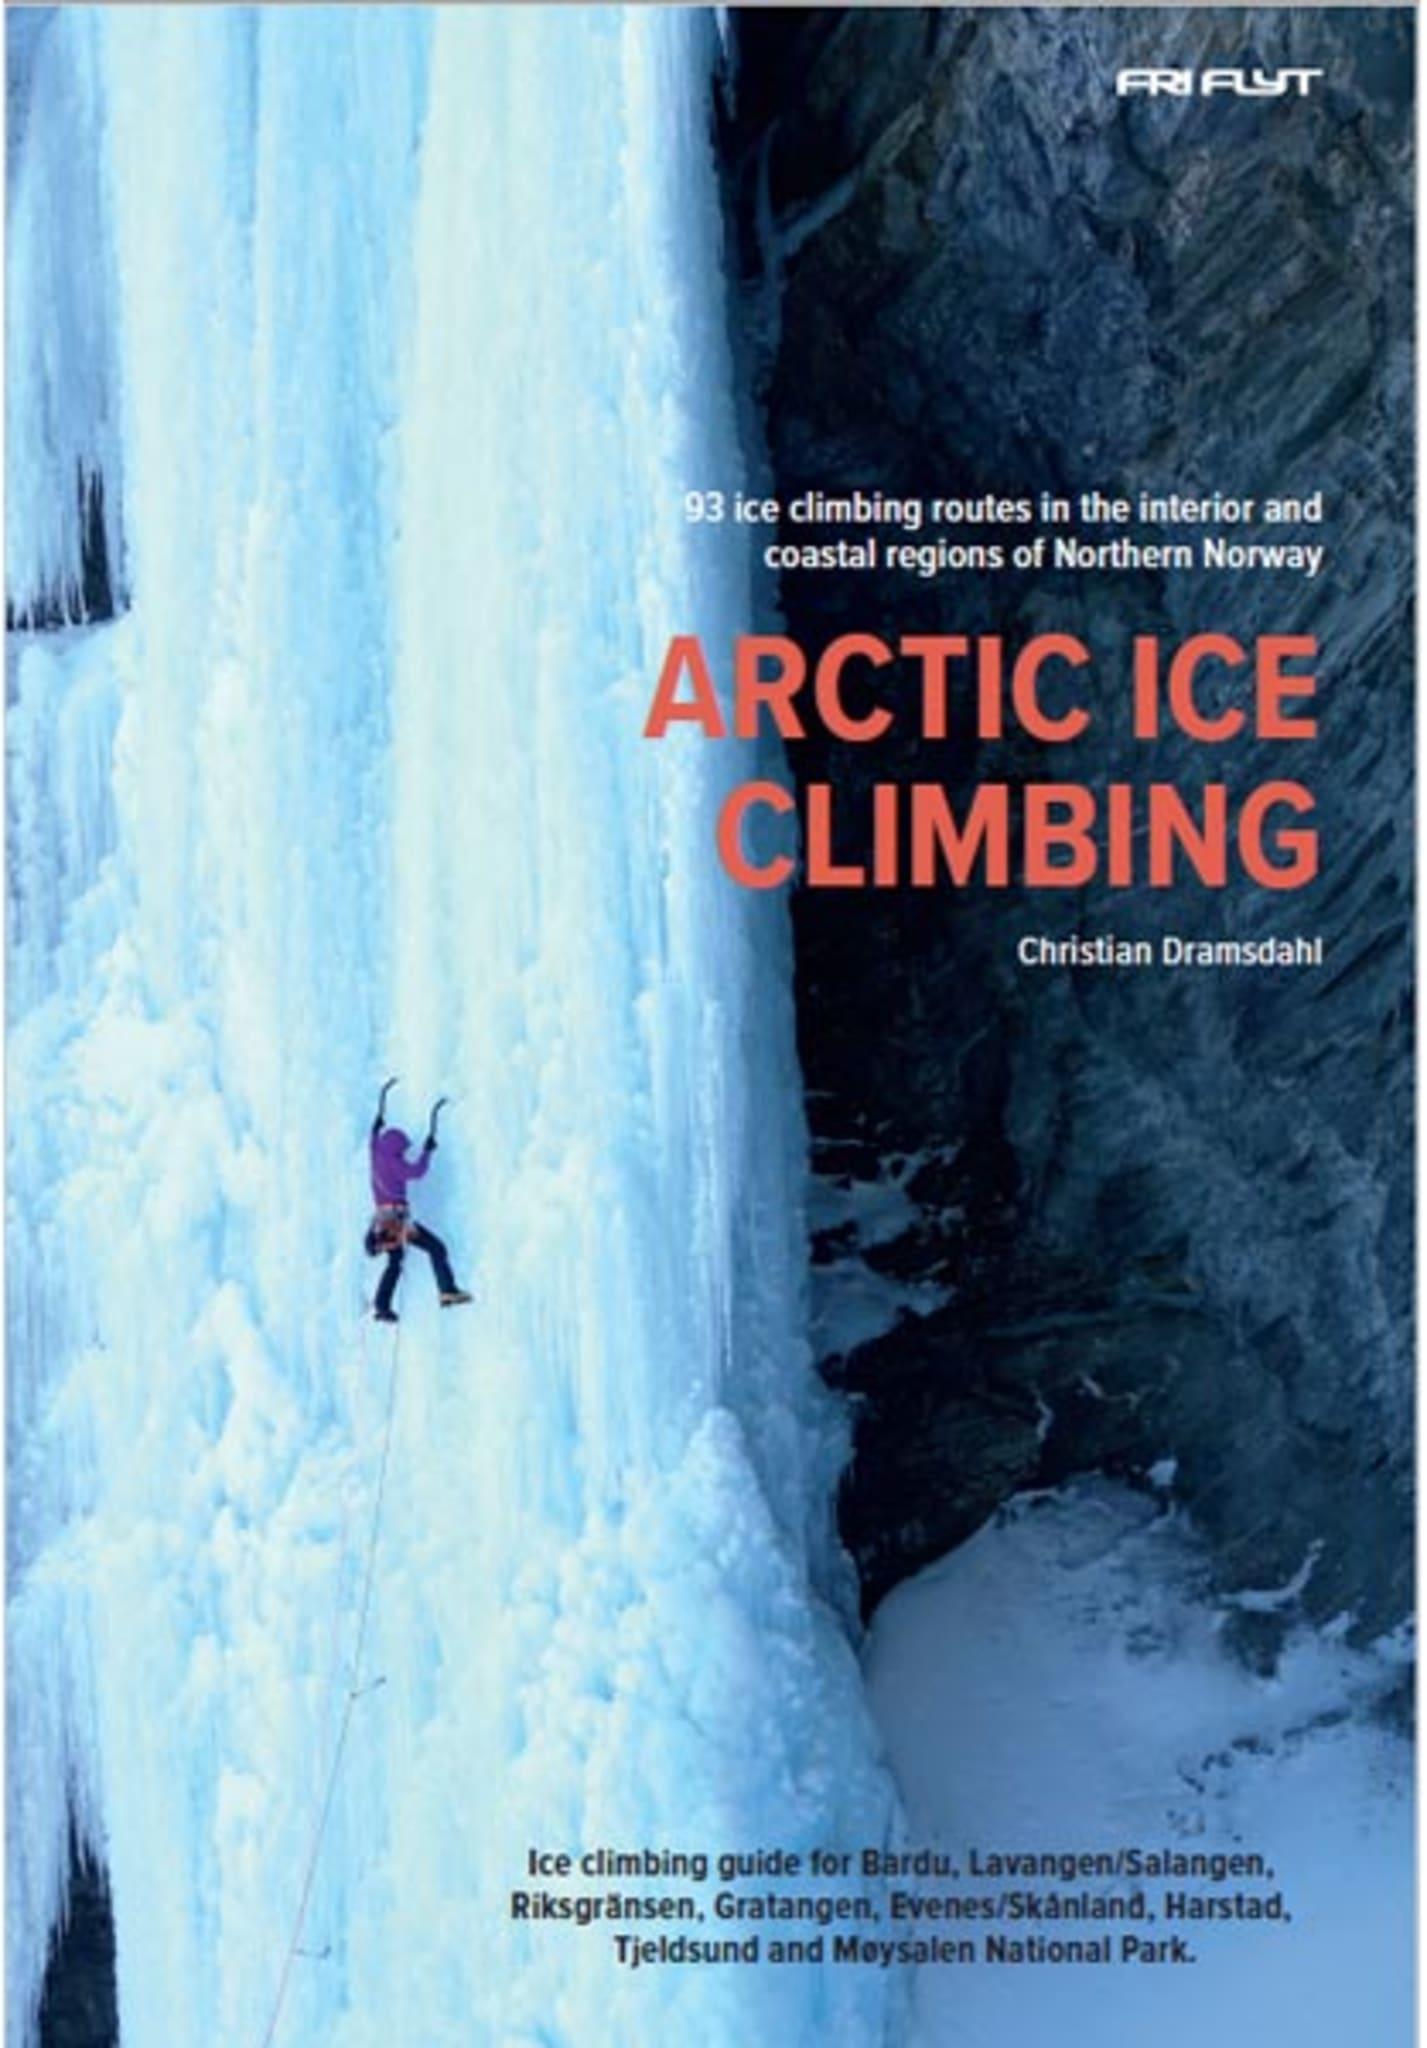 For deg som søker eventyret nord for polarsirkelen!